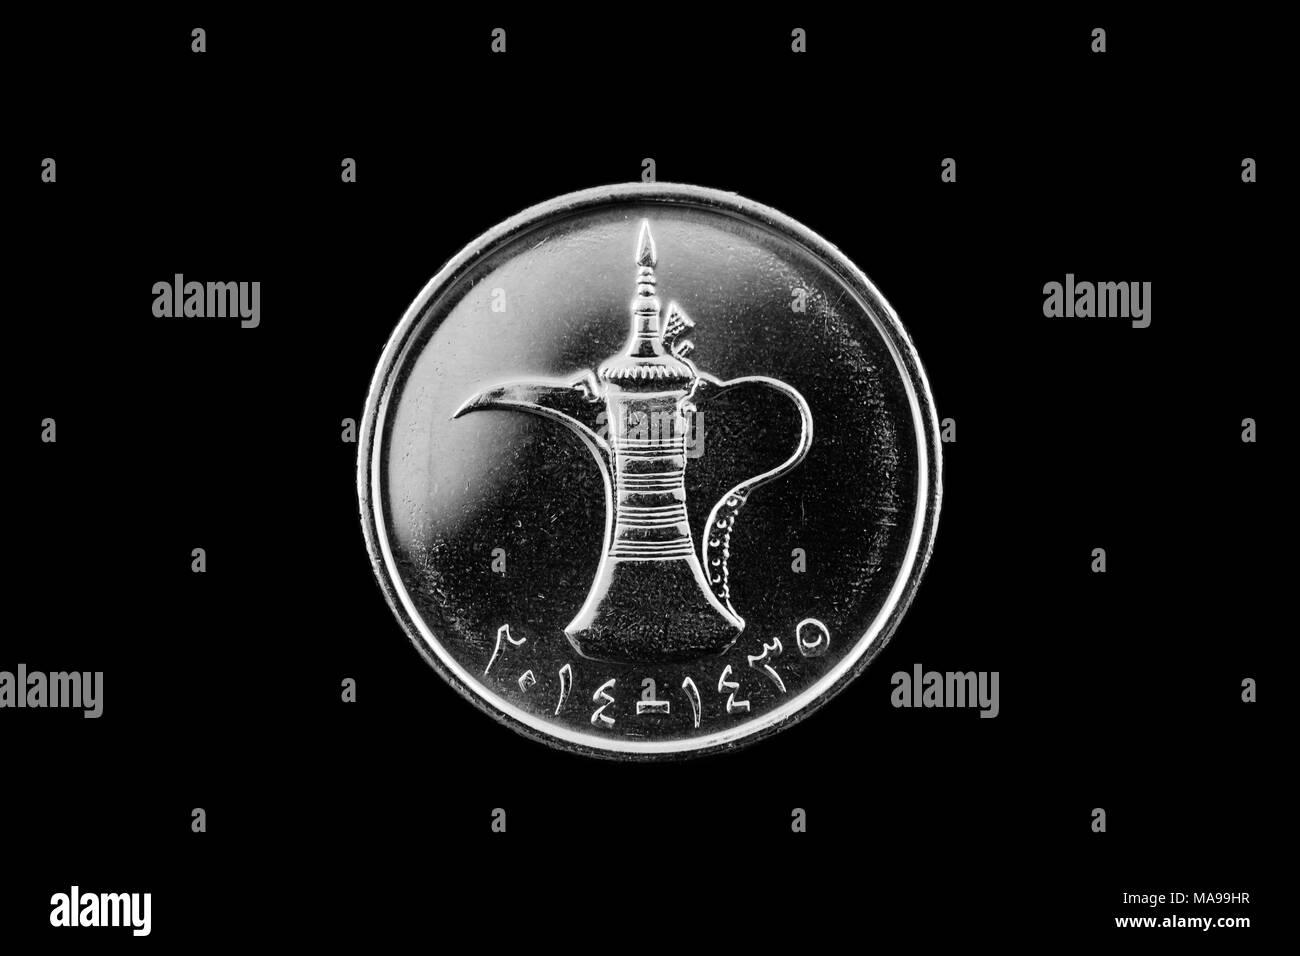 Dirham Coin Stock Photos Dirham Coin Stock Images Alamy